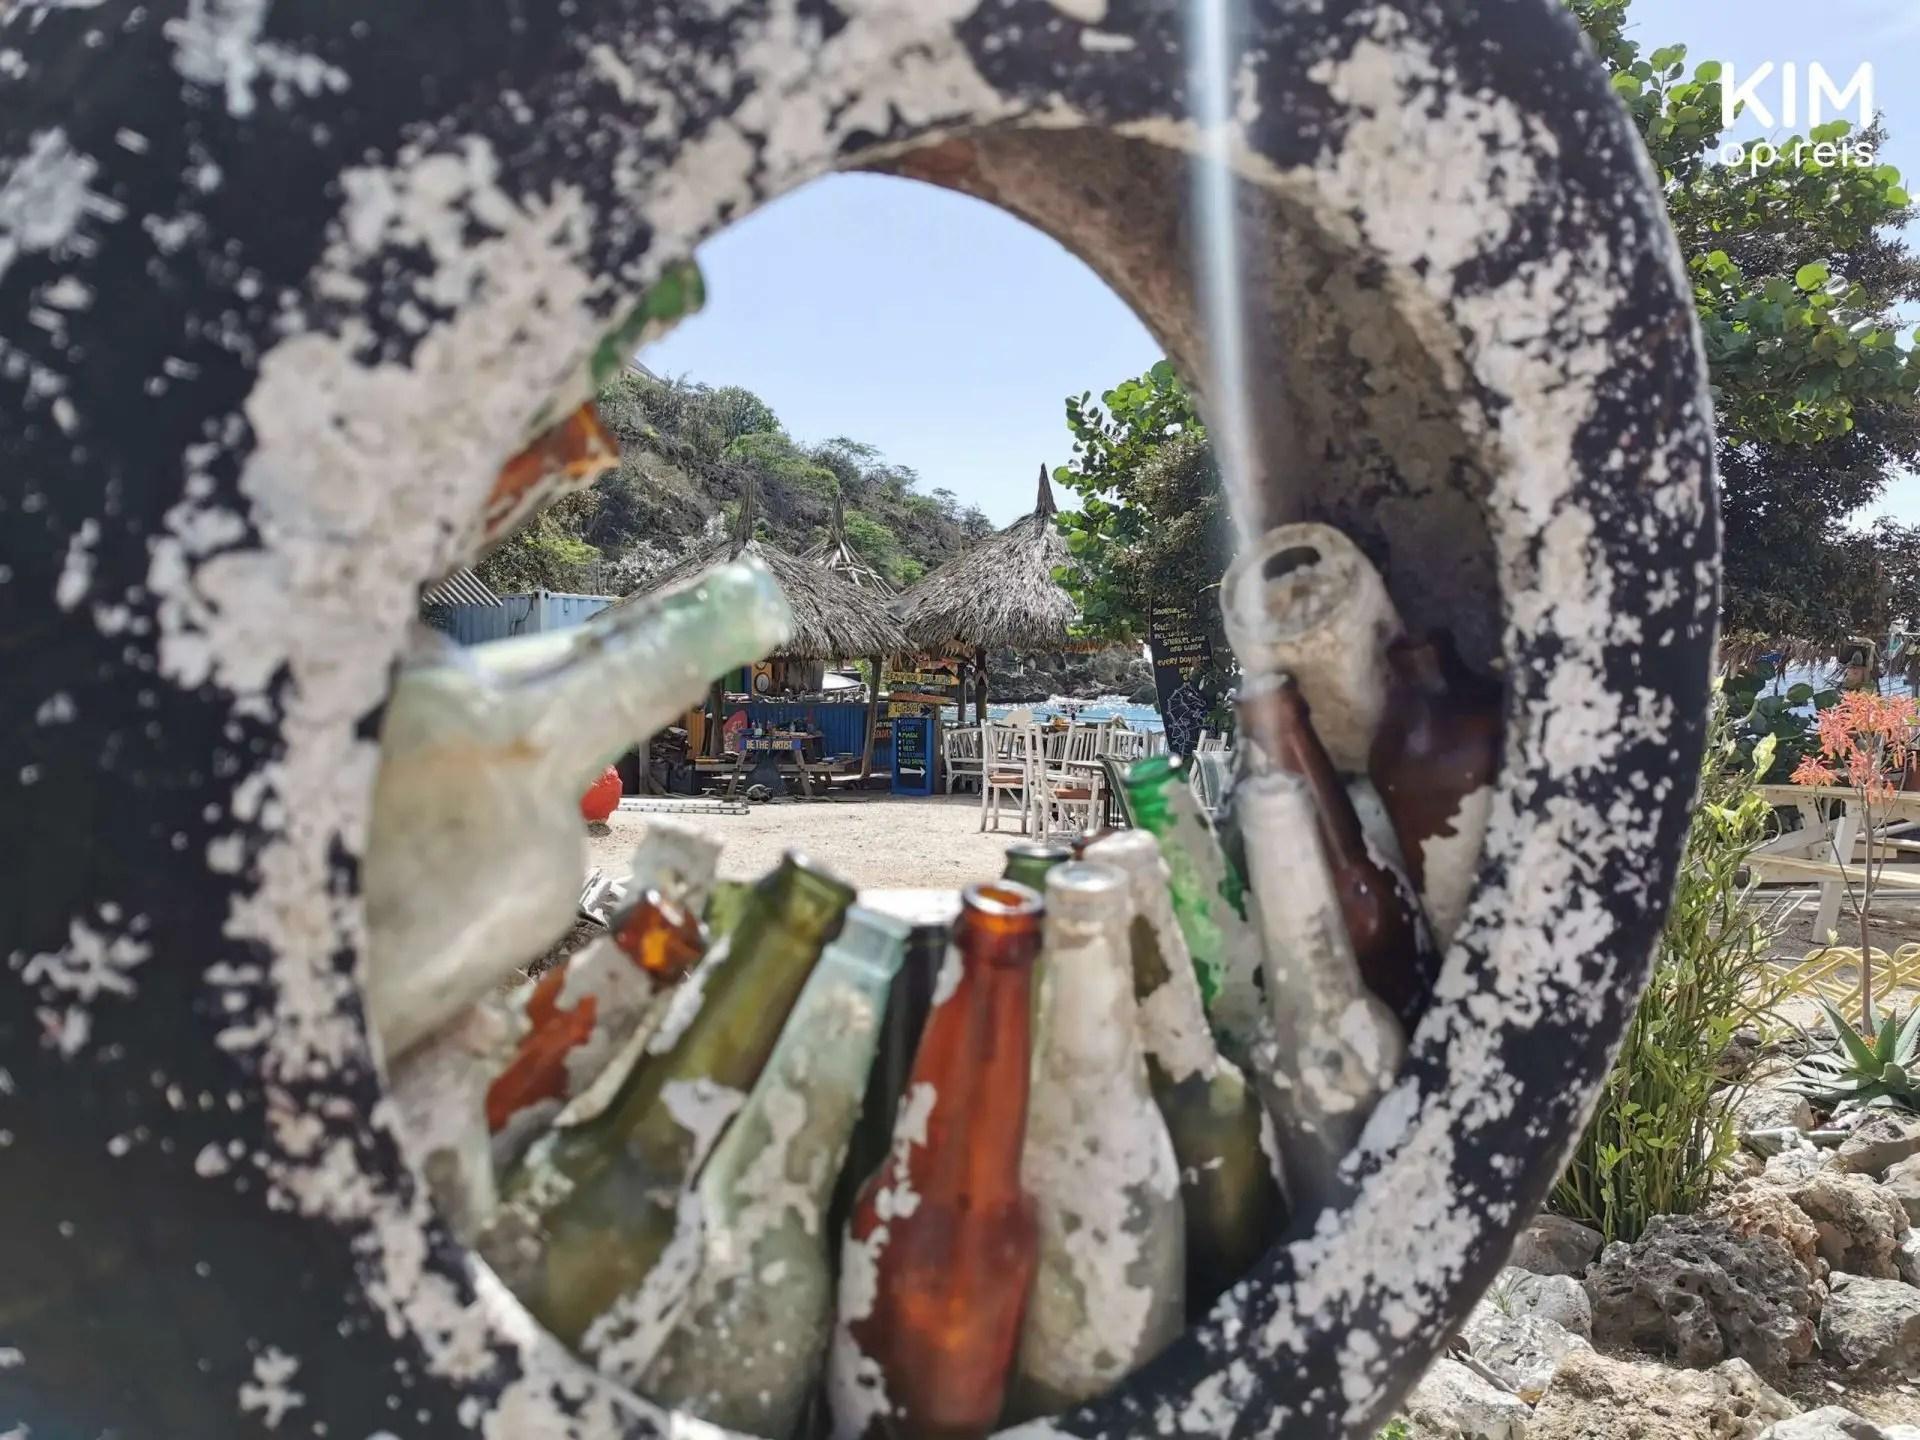 Bezoek Tugboat Beach Bar: oude autoband met verweerde flesjes geven een doorkijkje de beach bar in